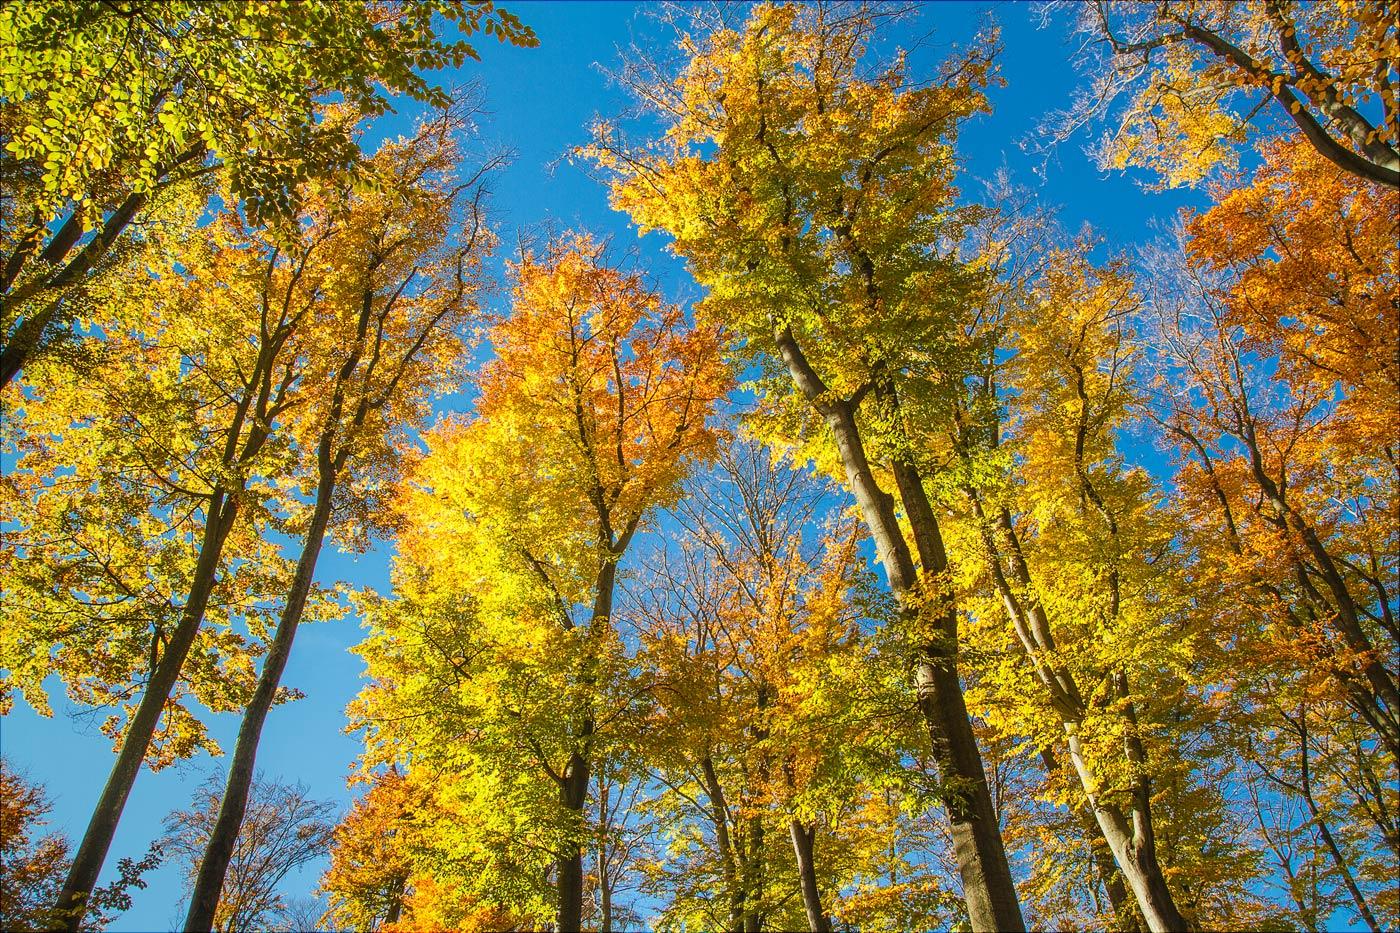 Осень в буковом лесу, Водерадске Бучины